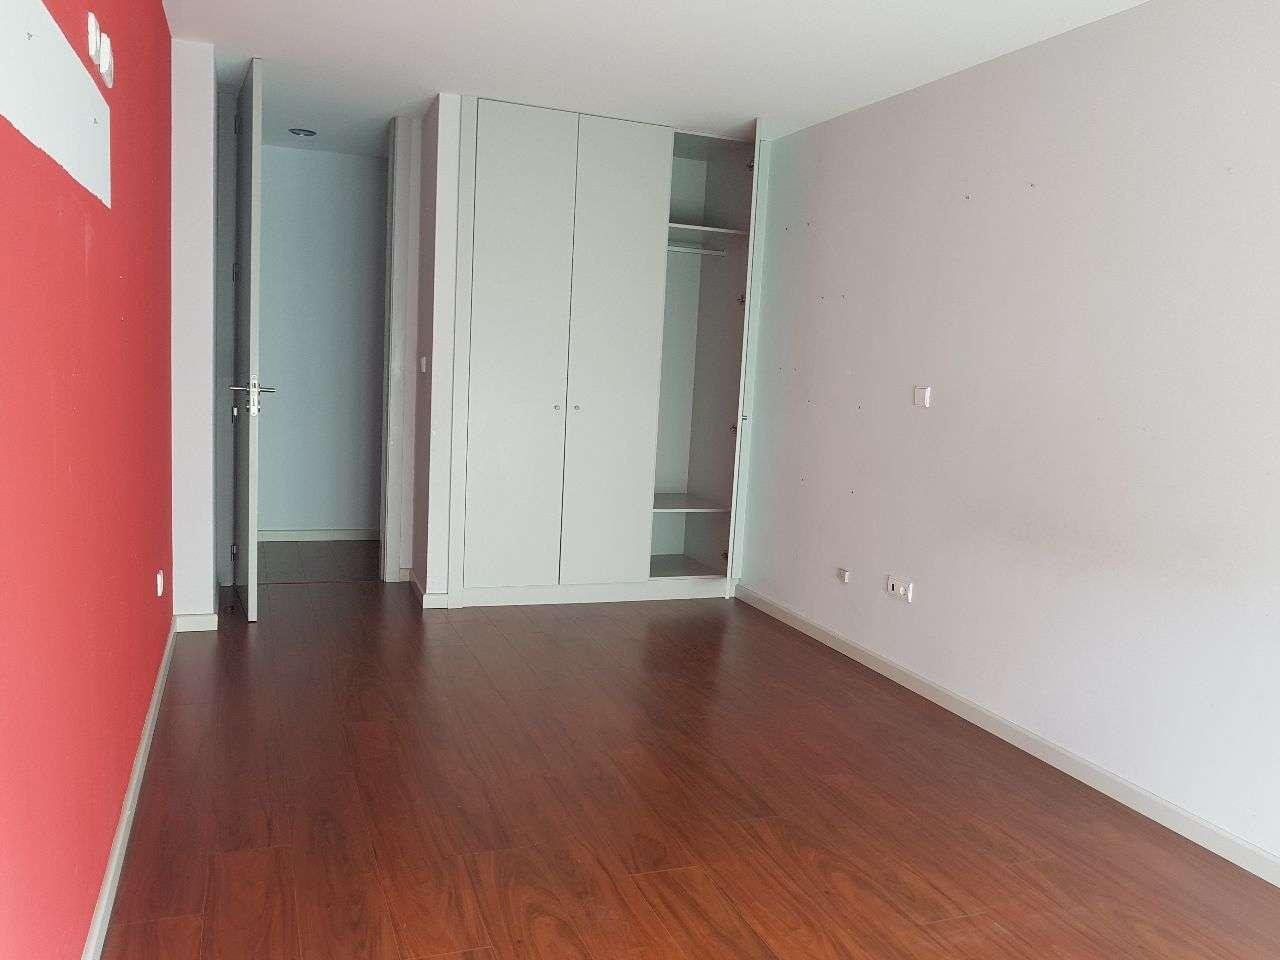 Apartamento para comprar, Valença, Cristelo Covo e Arão, Viana do Castelo - Foto 14